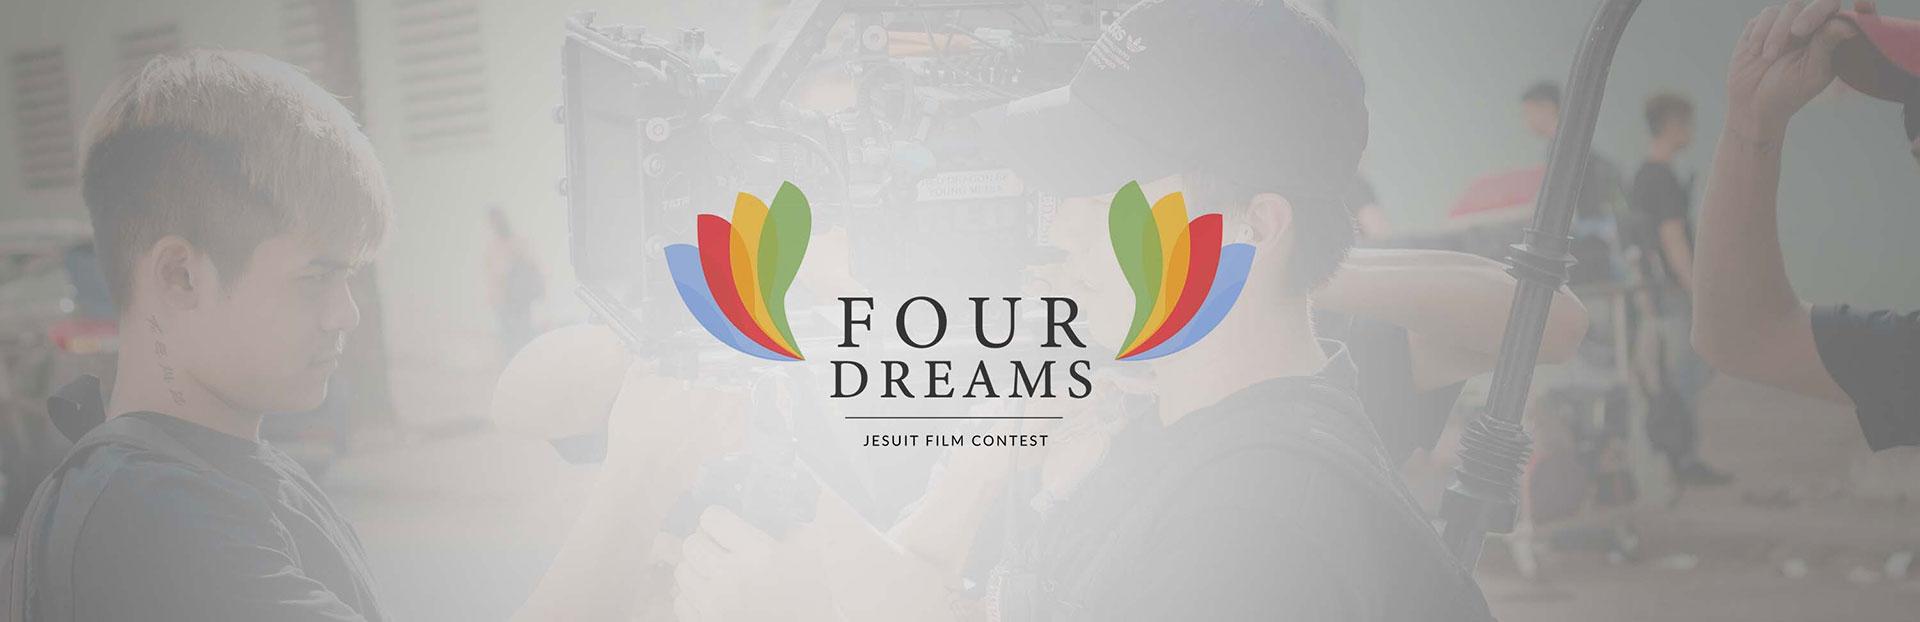 Four Dreams Jesuit Film Contest